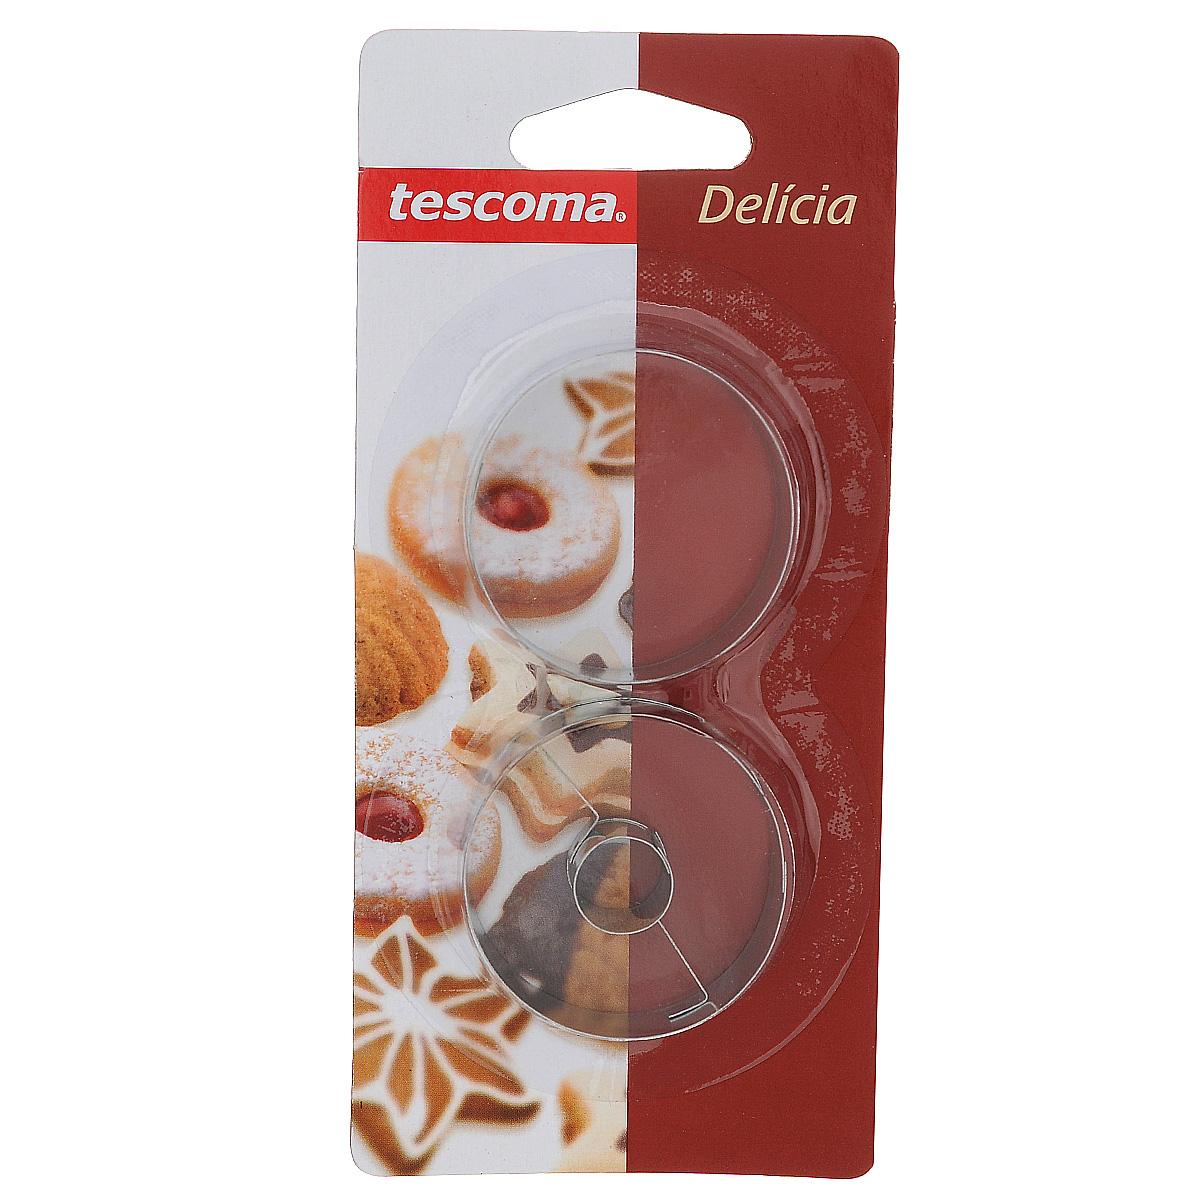 Набор форм для выпечки Tescoma Delicia, 2 предмета631172Набор Tescoma Delicia включает 2 формы для выпечки, выполненные из нержавеющей стали. Изделия имеют круглую форму и идеально подходят для приготовления печенья или пирожных. Одна формочка предназначена для приготовления печенья с начинкой. Оригинальный набор позволит приготовить выпечку по вашему любимому рецепту, но в оригинальном оформлении, которое придется по душе всей семье. Не мыть в посудомоечной машине.